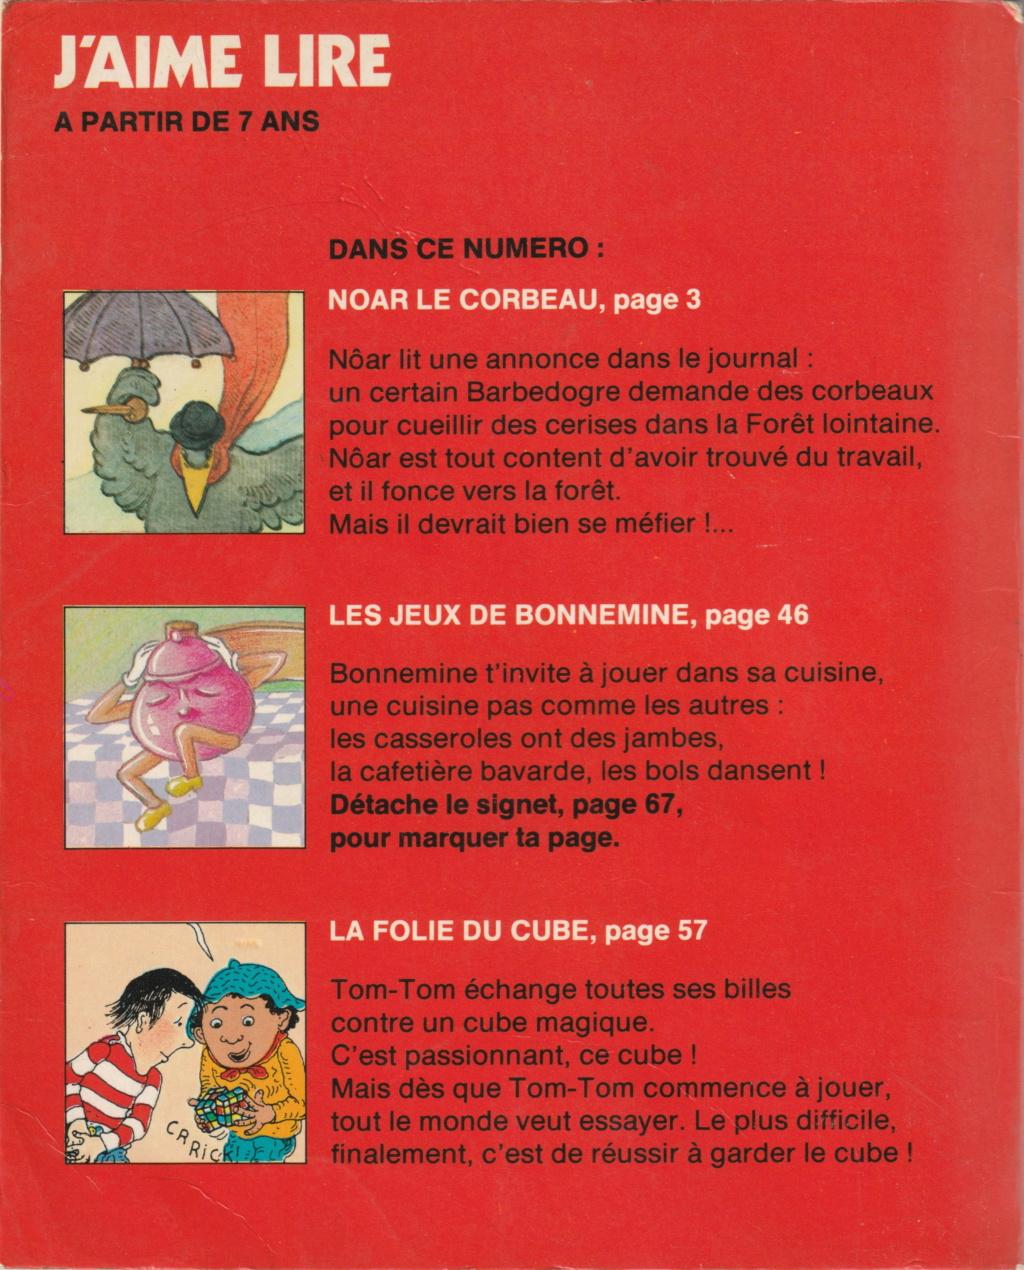 [Recherche] Scans de J'aime Lire - Page 2 Page7011